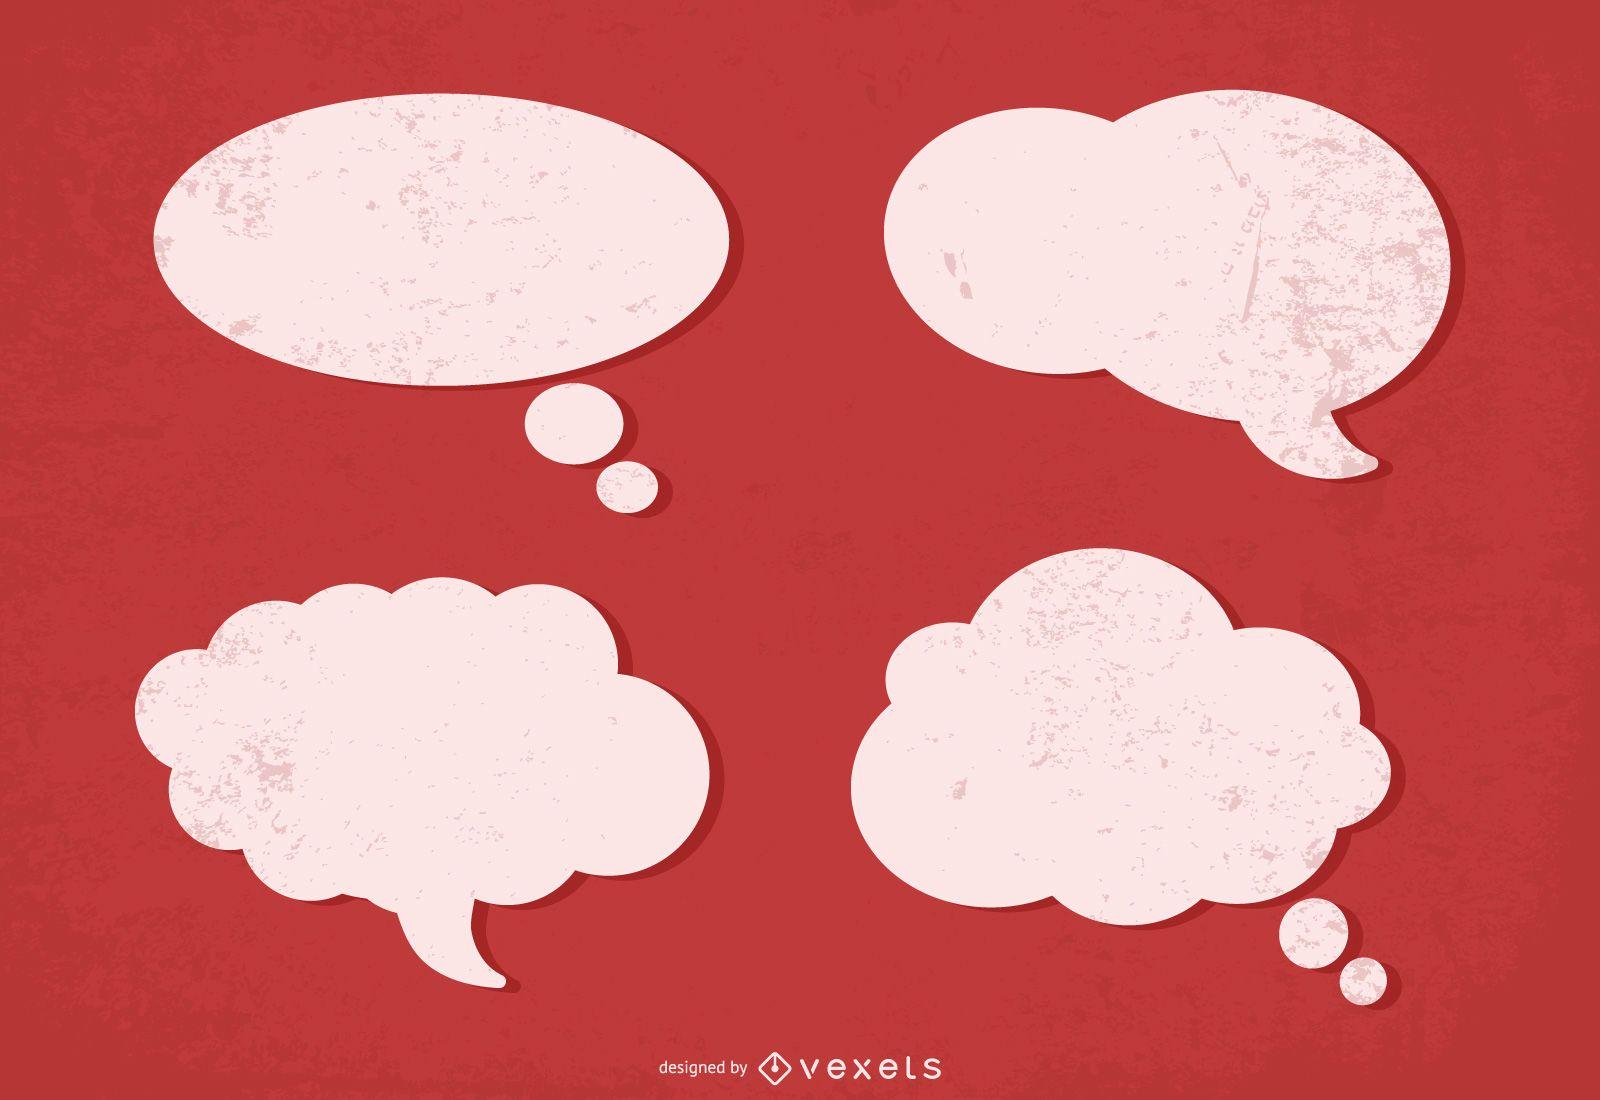 Cloudy Grunge Speech Bubble Set